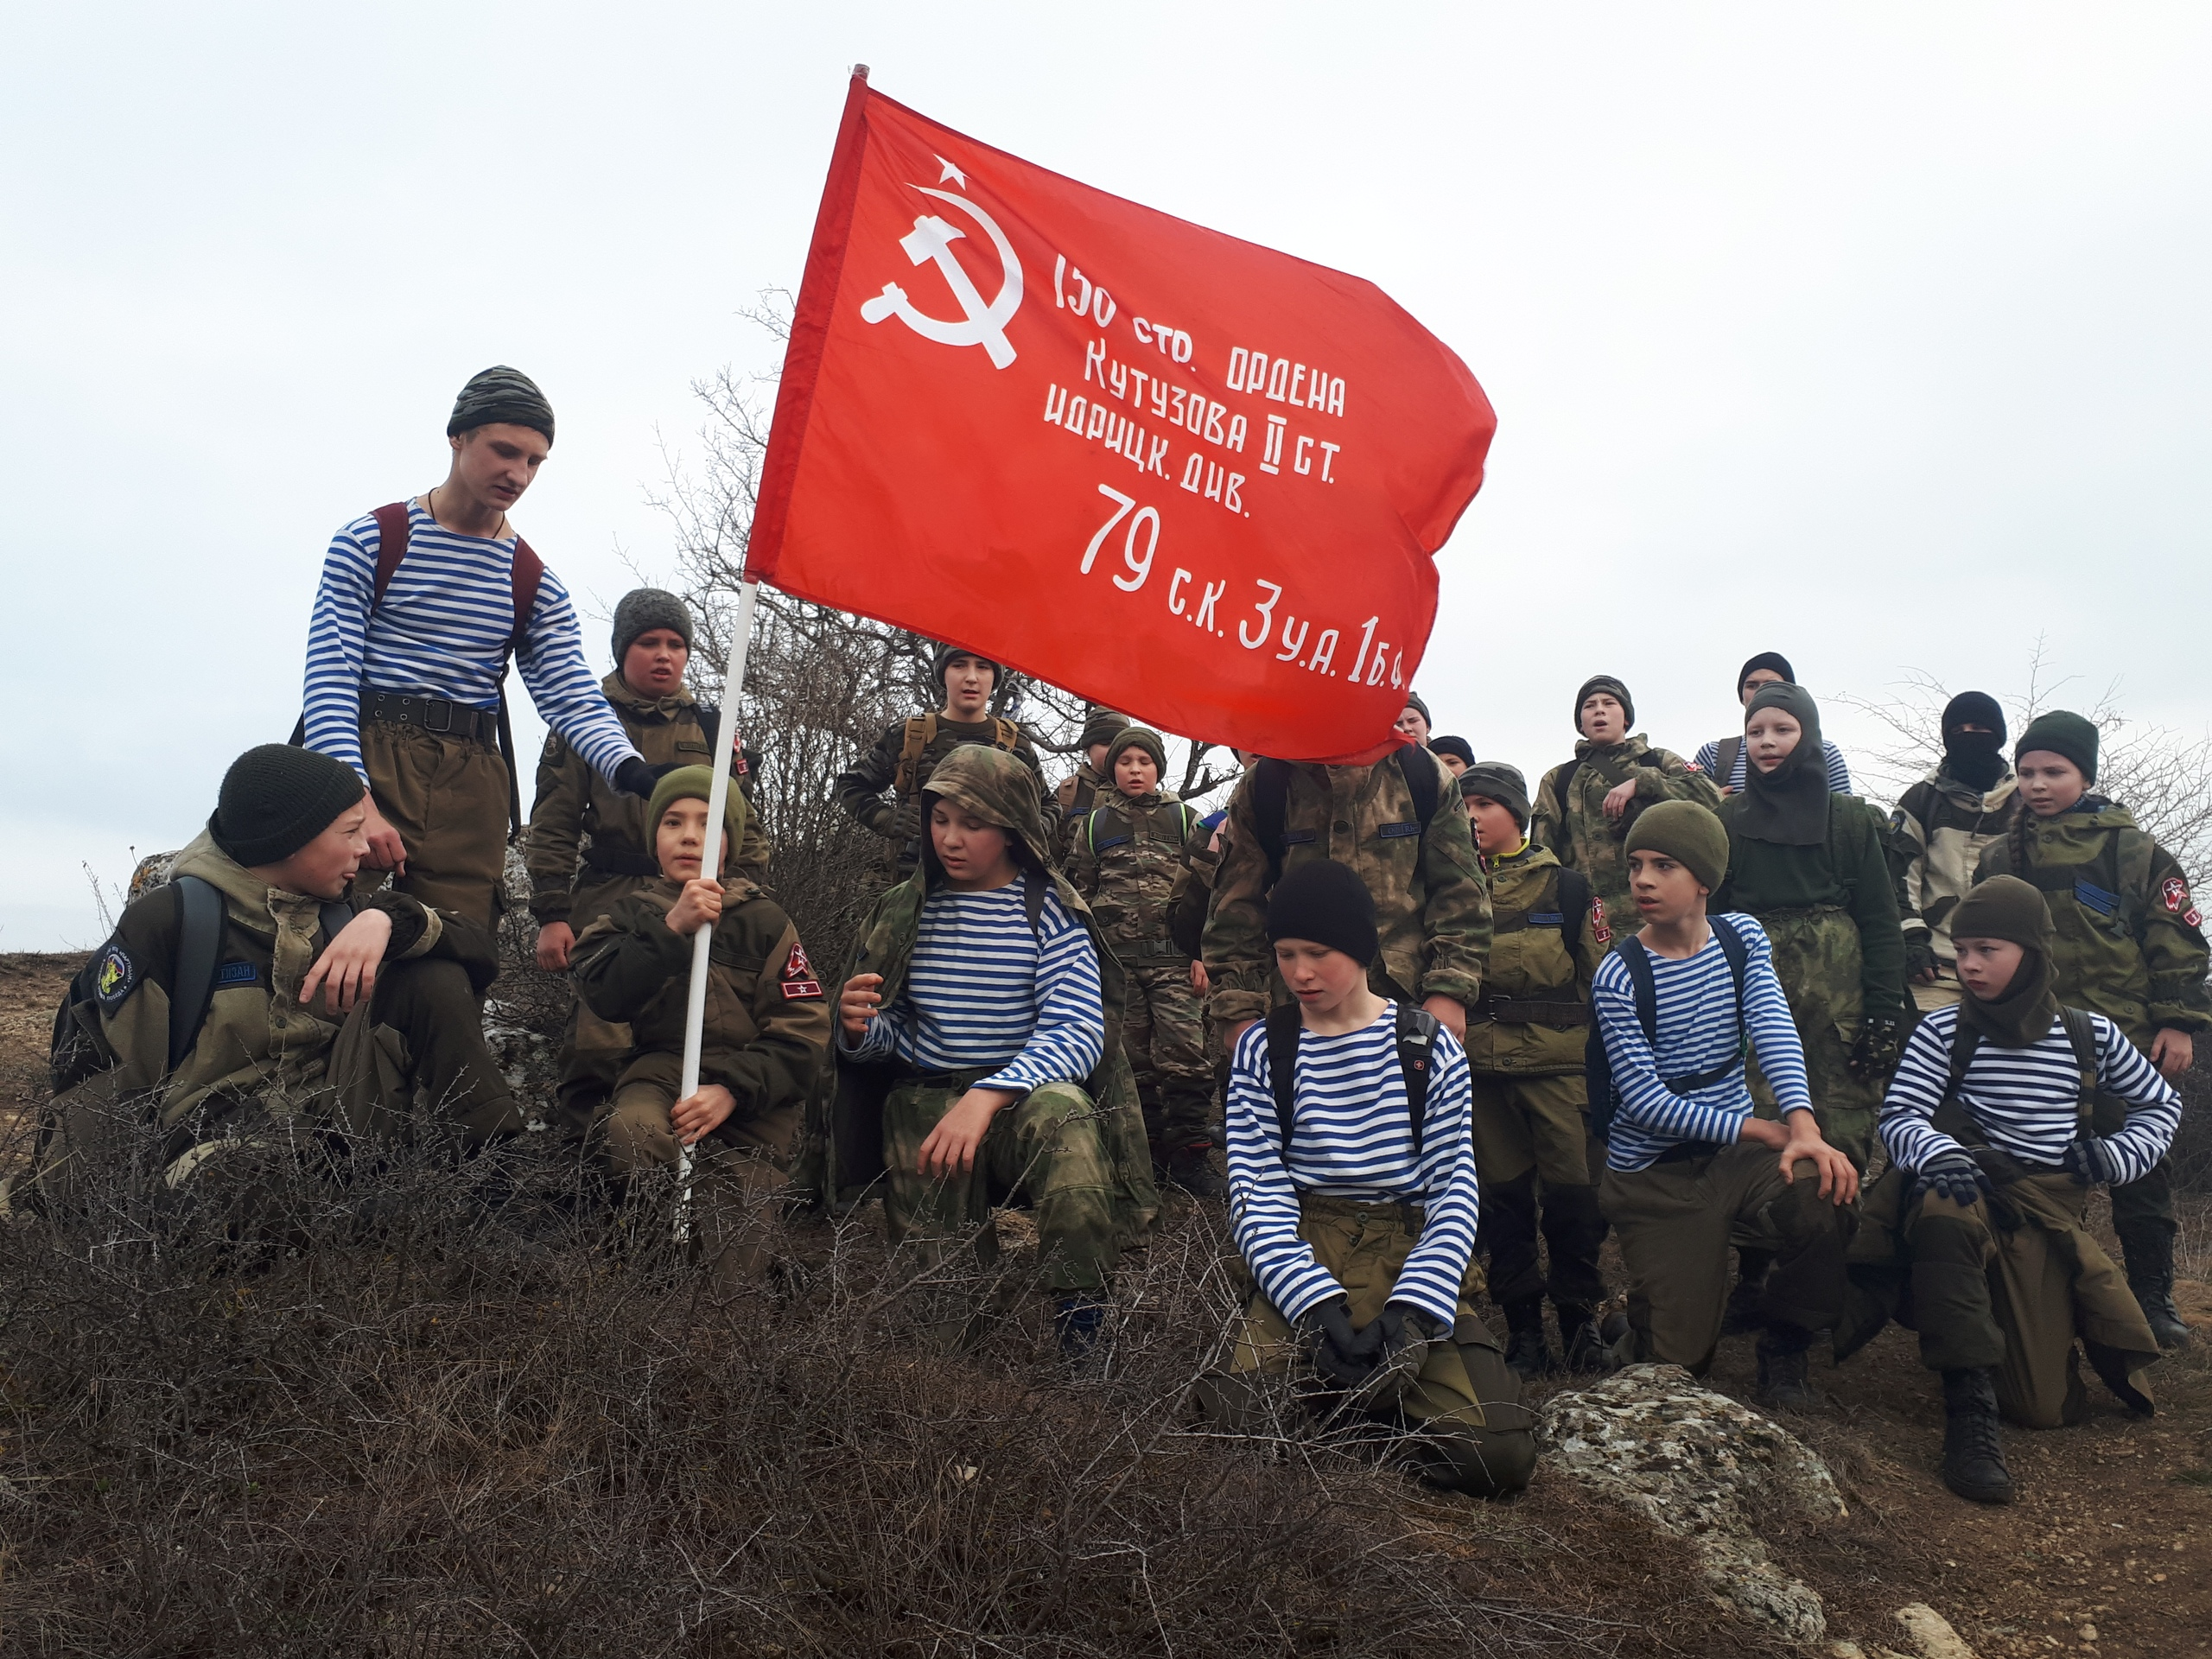 Забег на вершину г.Лысая 23 февраля 2020